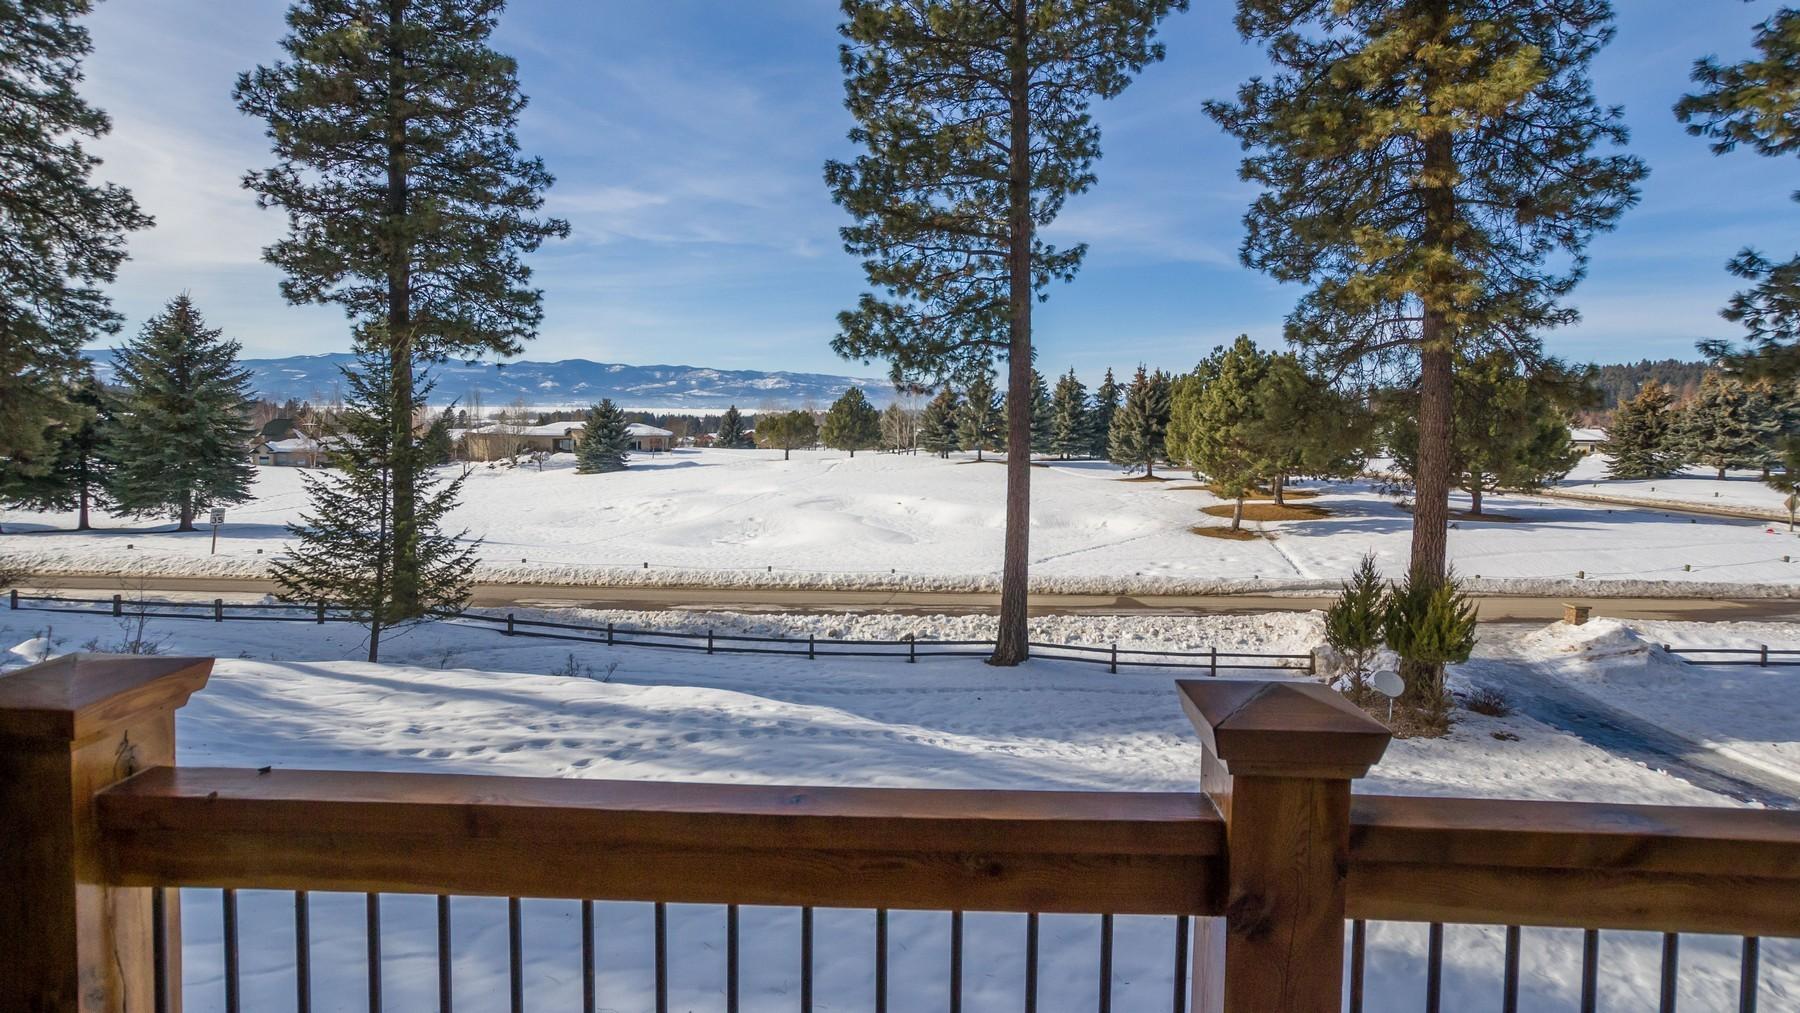 Additional photo for property listing at 1301 Holt Dr , Bigfork, MT 59911 1301  Holt Dr Bigfork, Montana 59911 United States